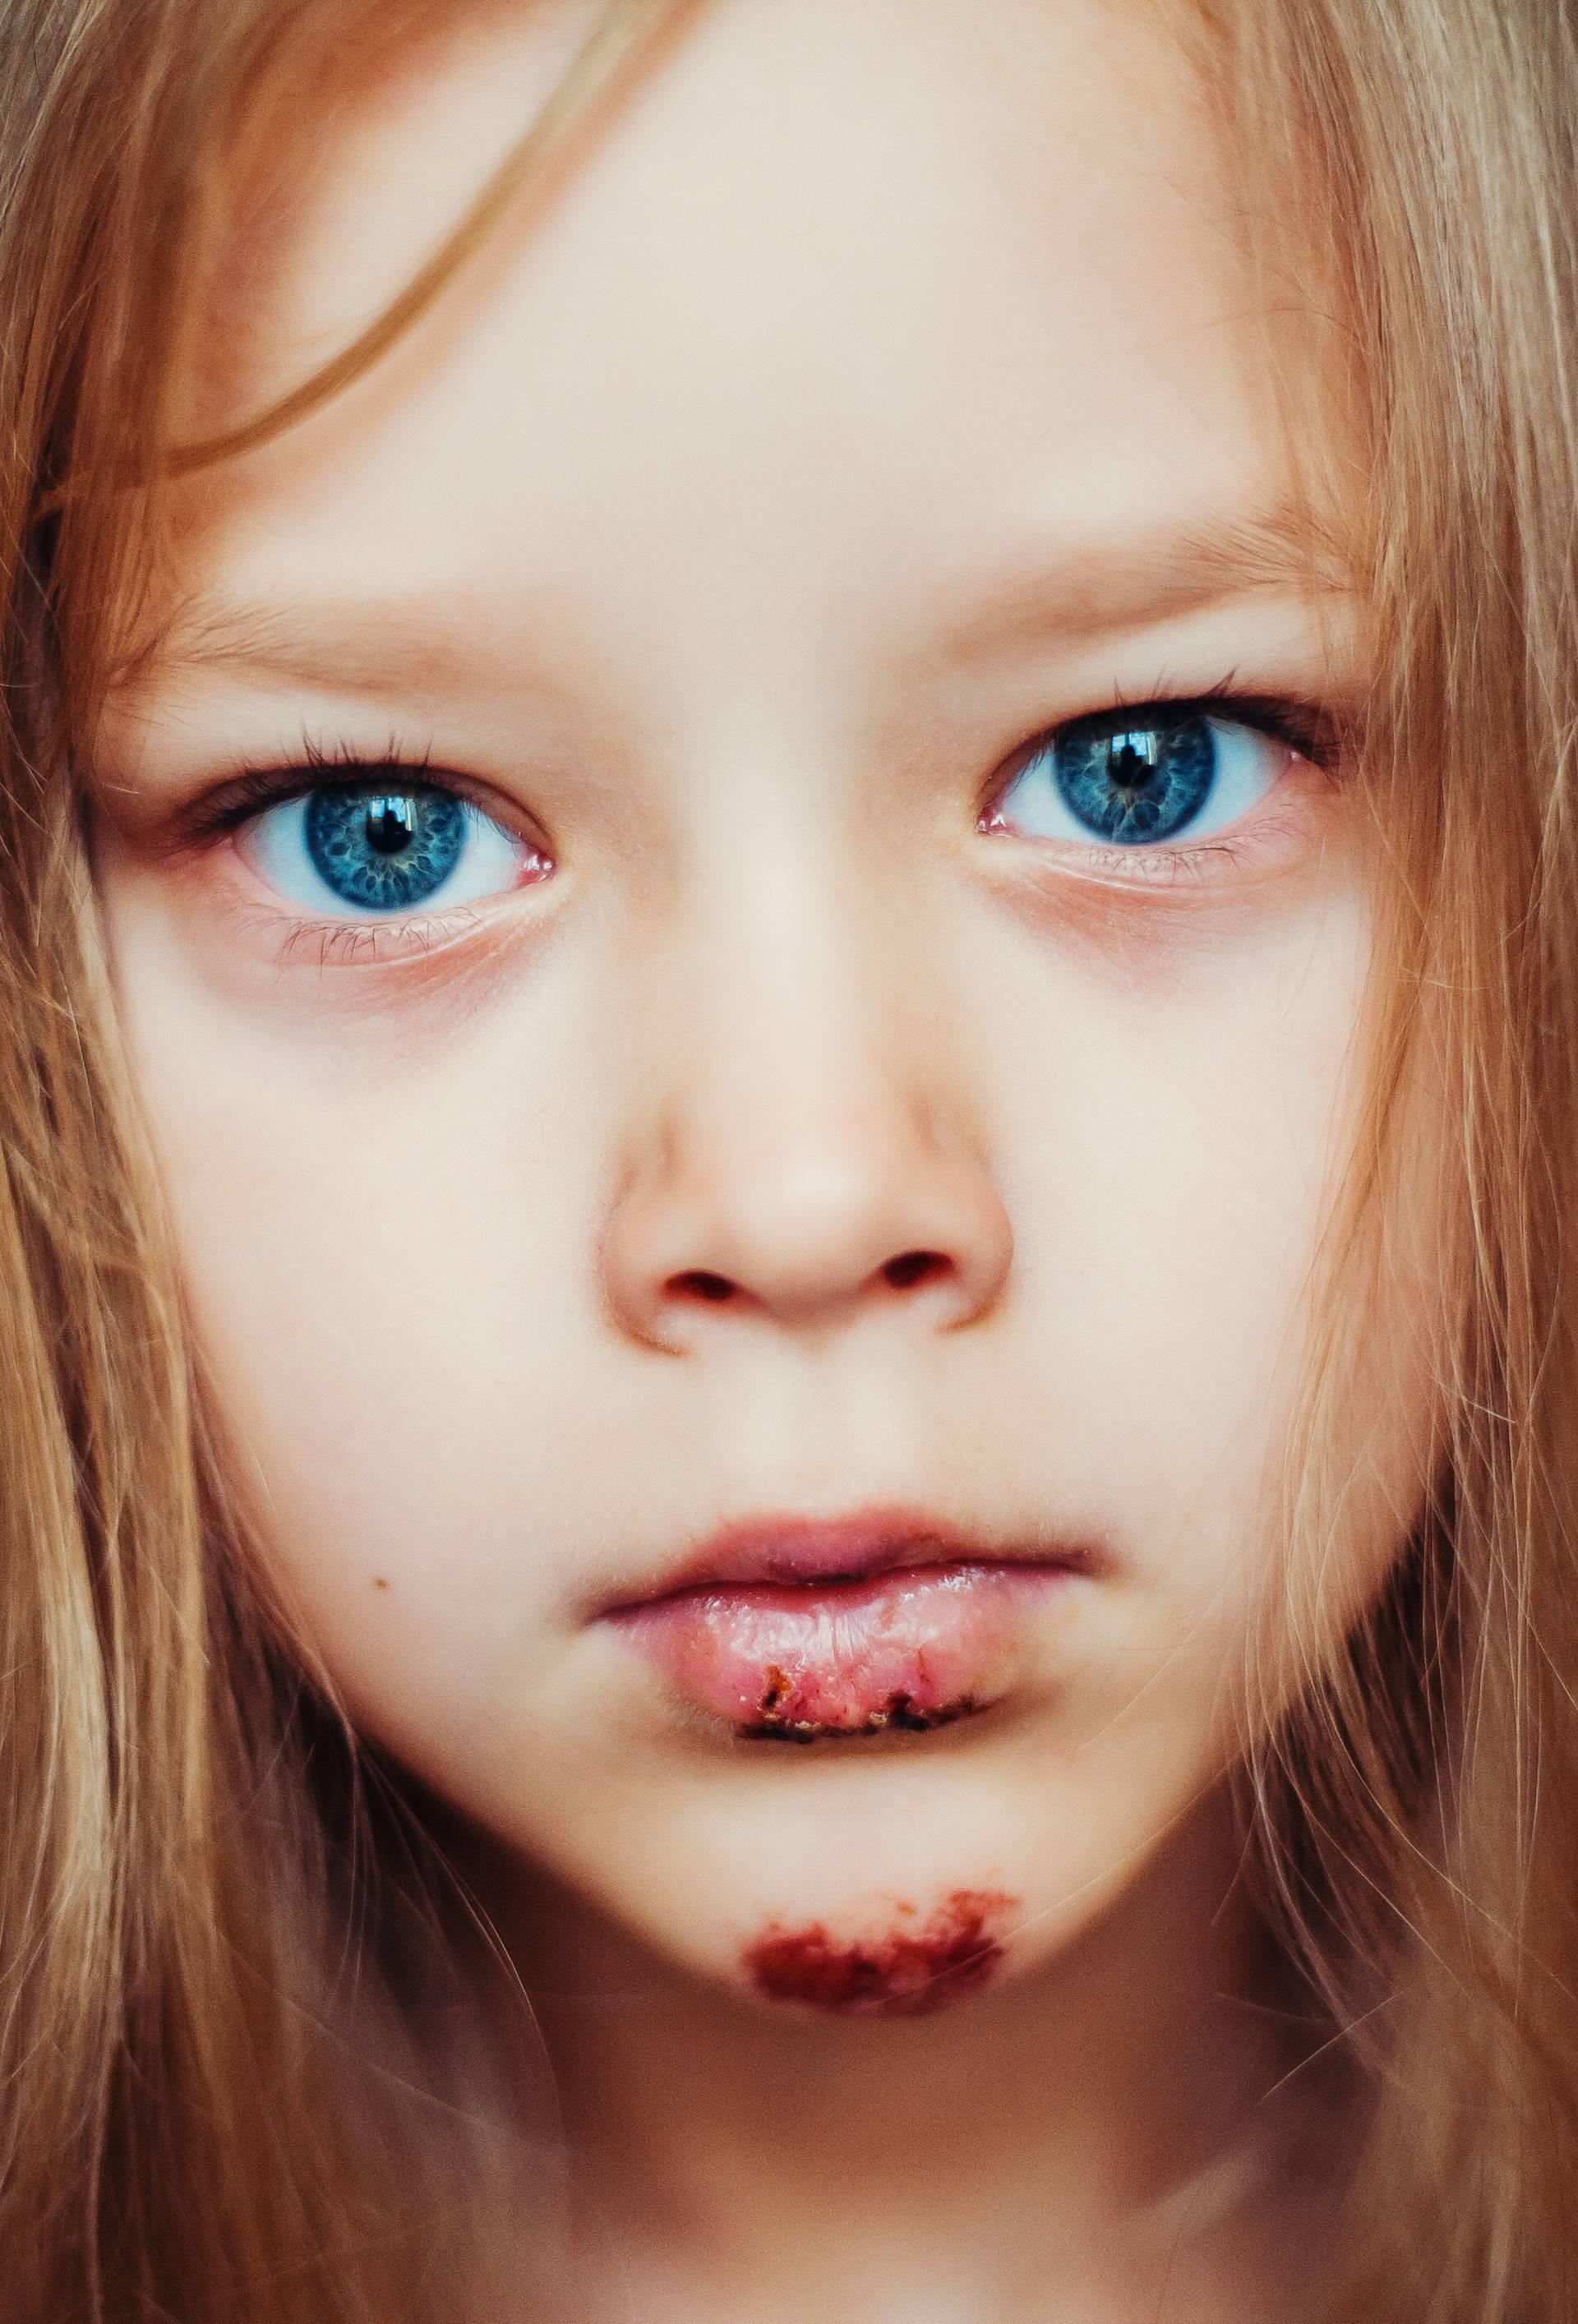 Uz pomoć gumenog bombona otkrijte je li dijete slomilo kost